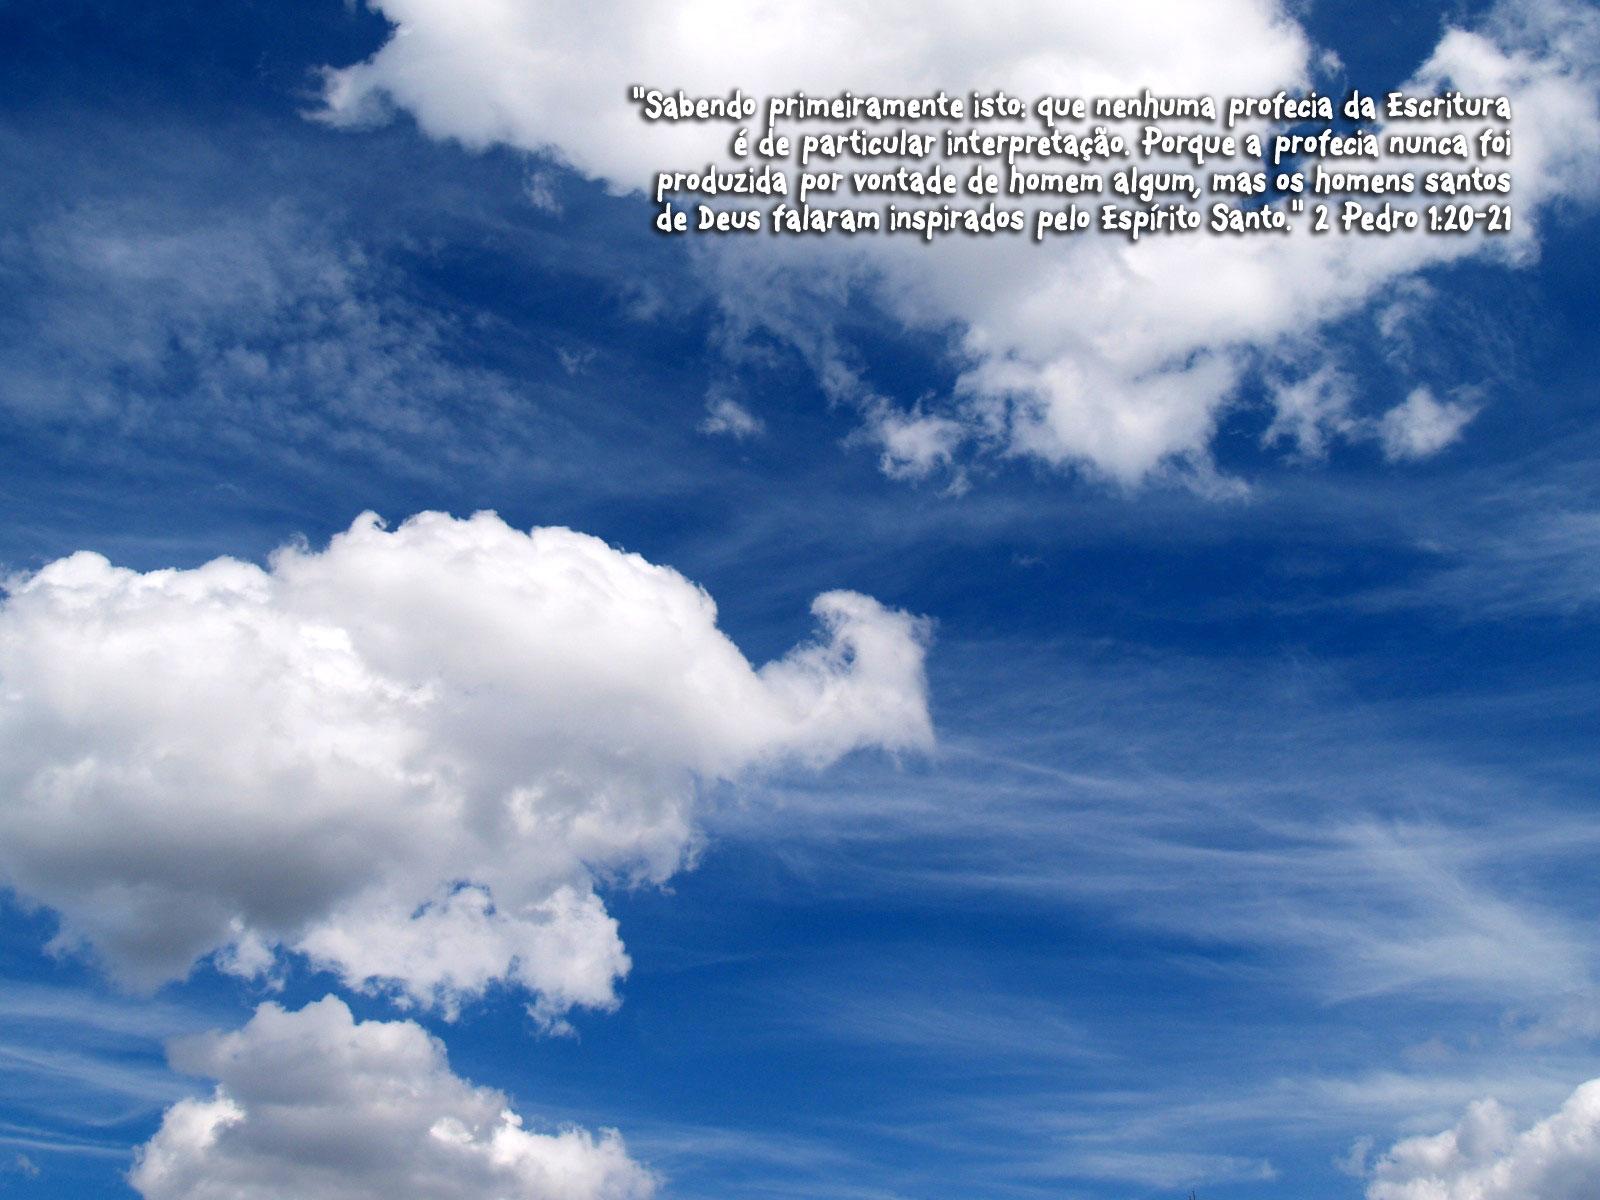 http://www.devocionaldiario.com.br/imagens/dreamful_sky.jpg